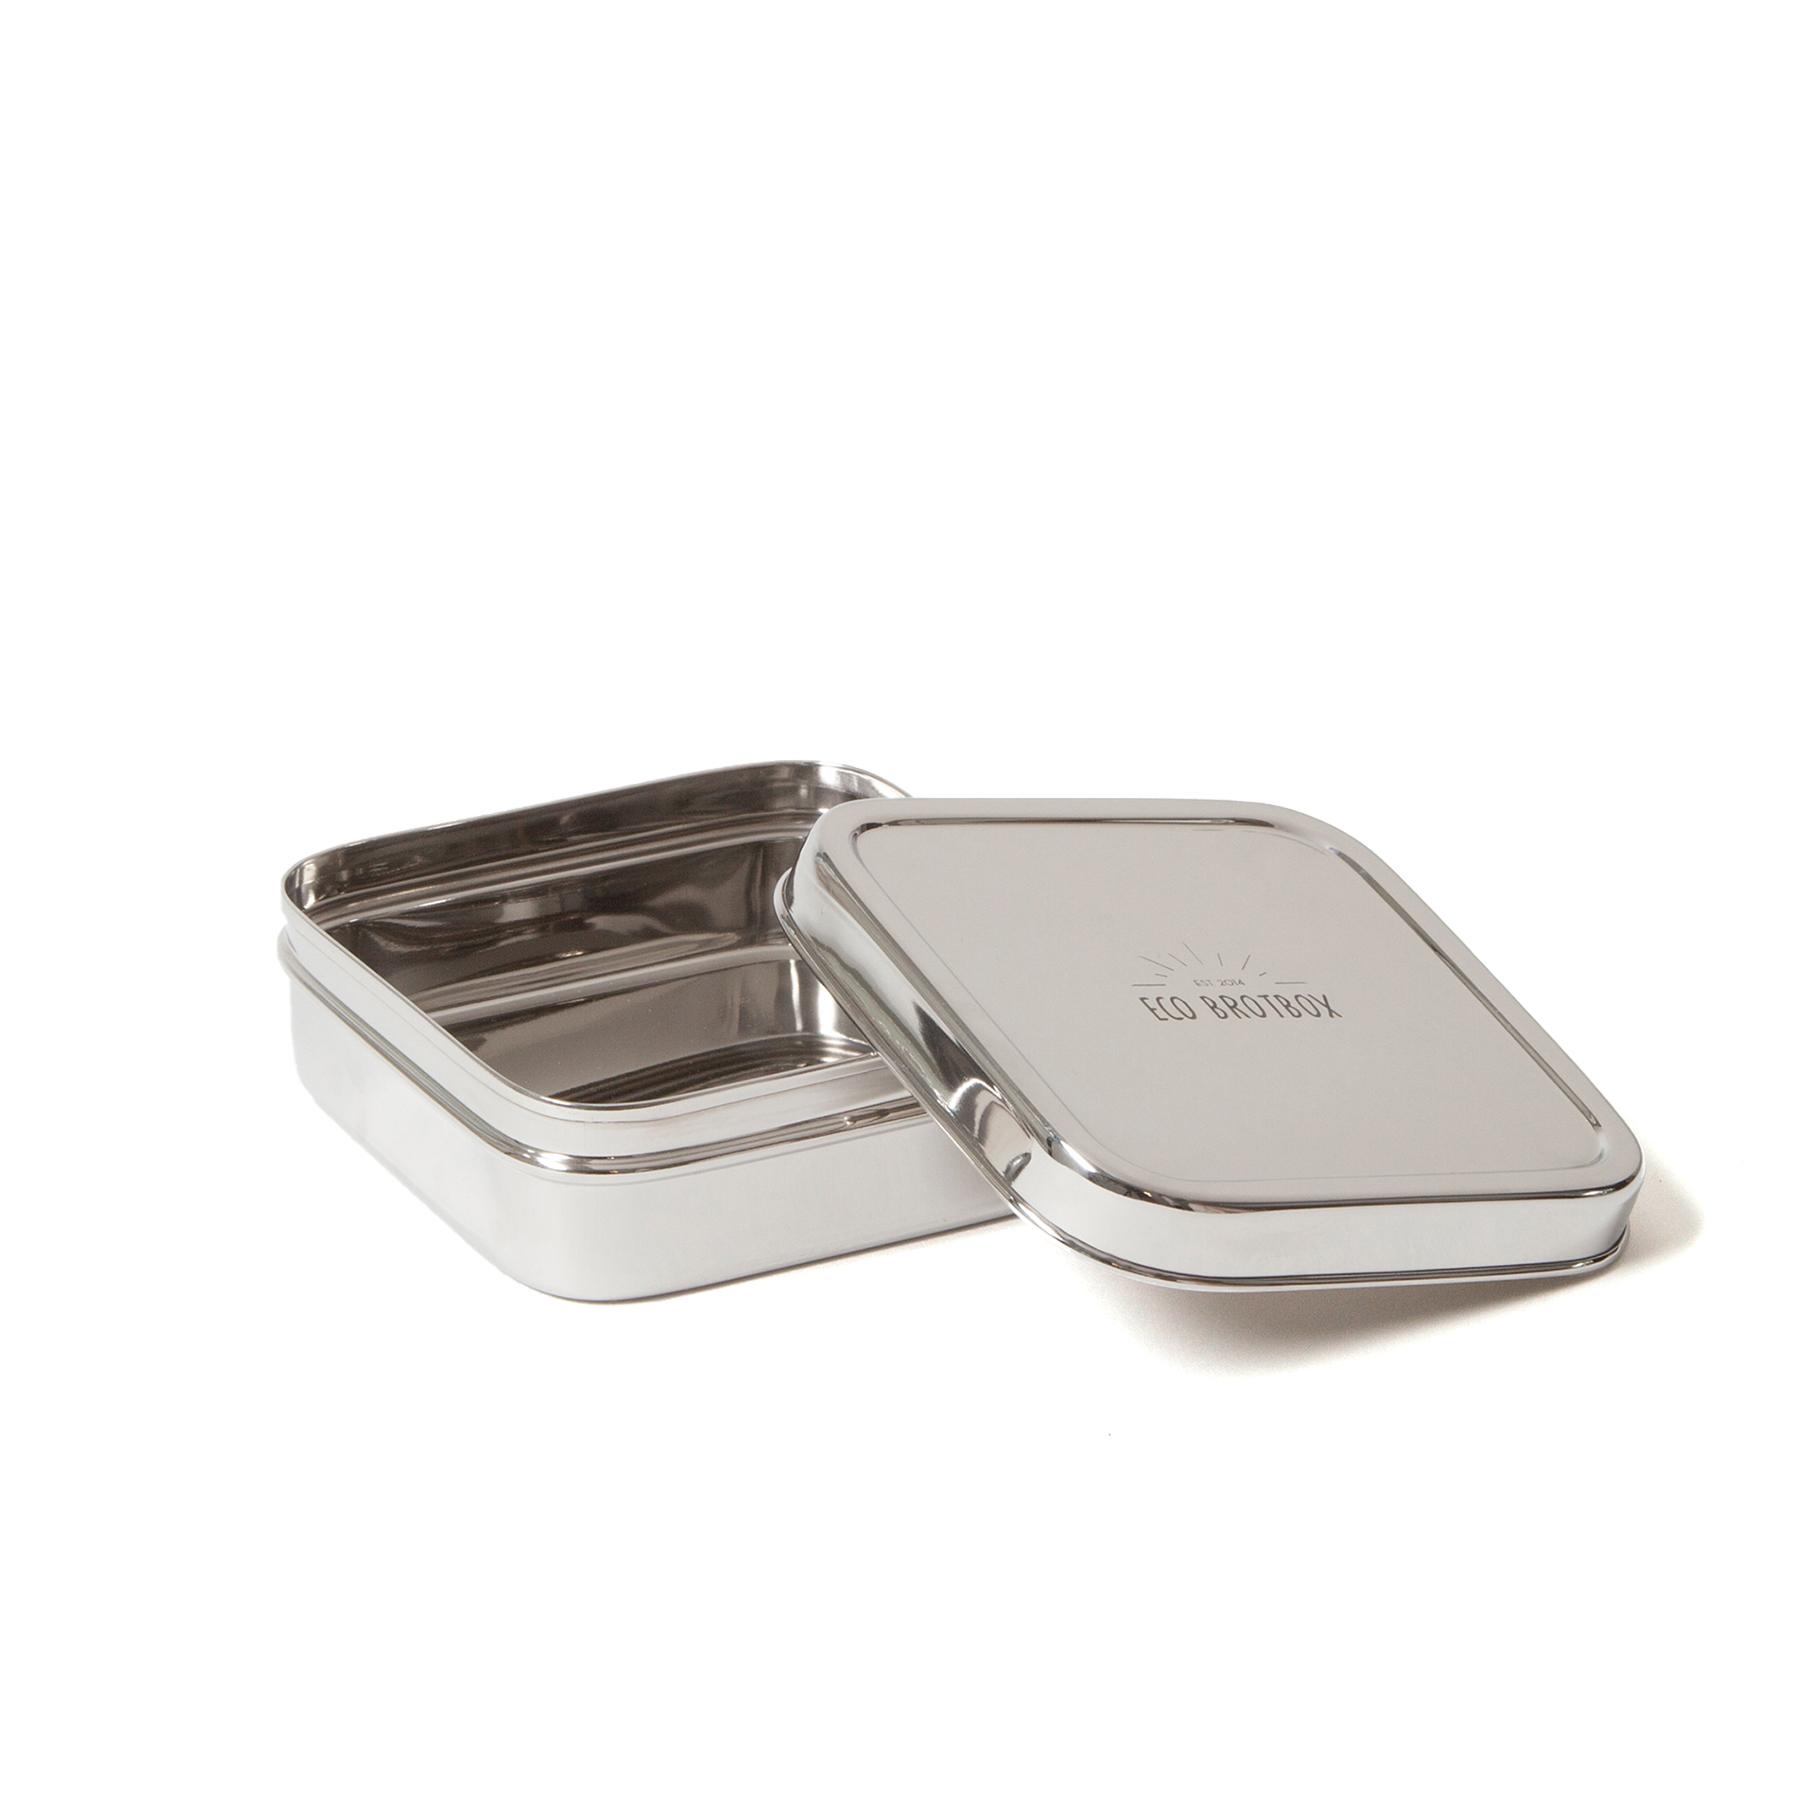 Brotbox Classic aus Edelstahl, EcoBrotbox